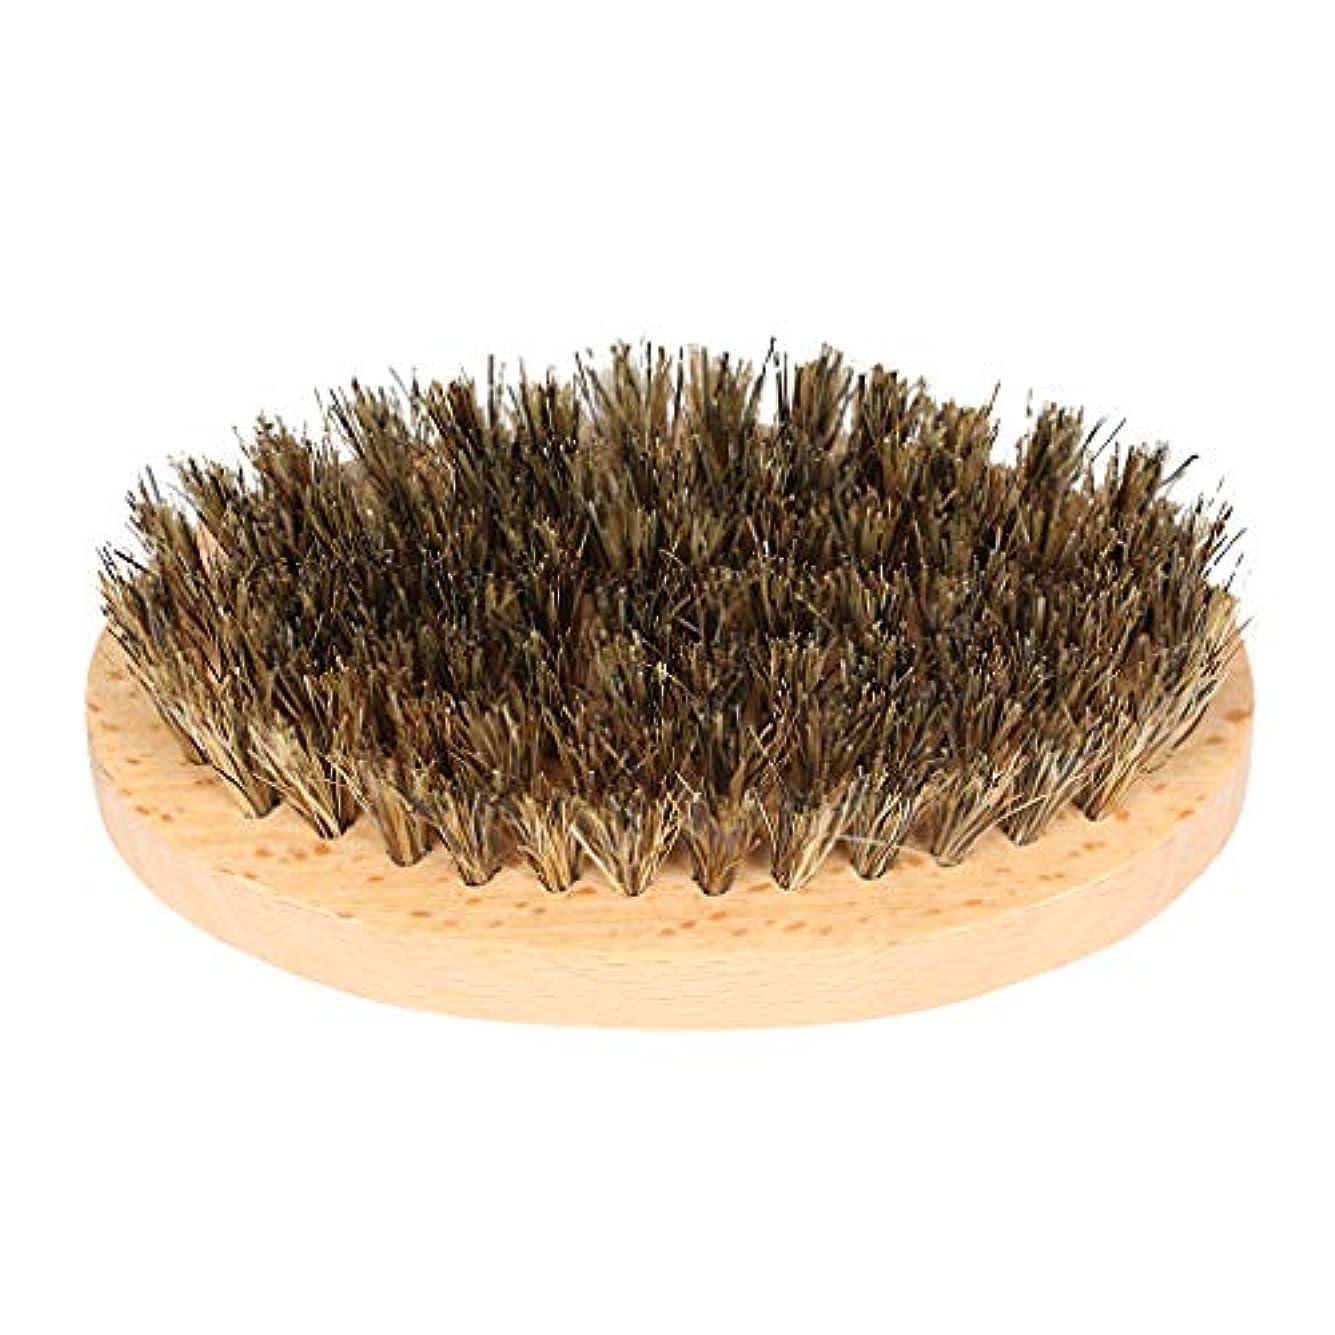 意味のあるメロドラマチョーク理髪店の男性の天然木のひげの口ひげ顔の髪のブラシ毛髪のブラシ